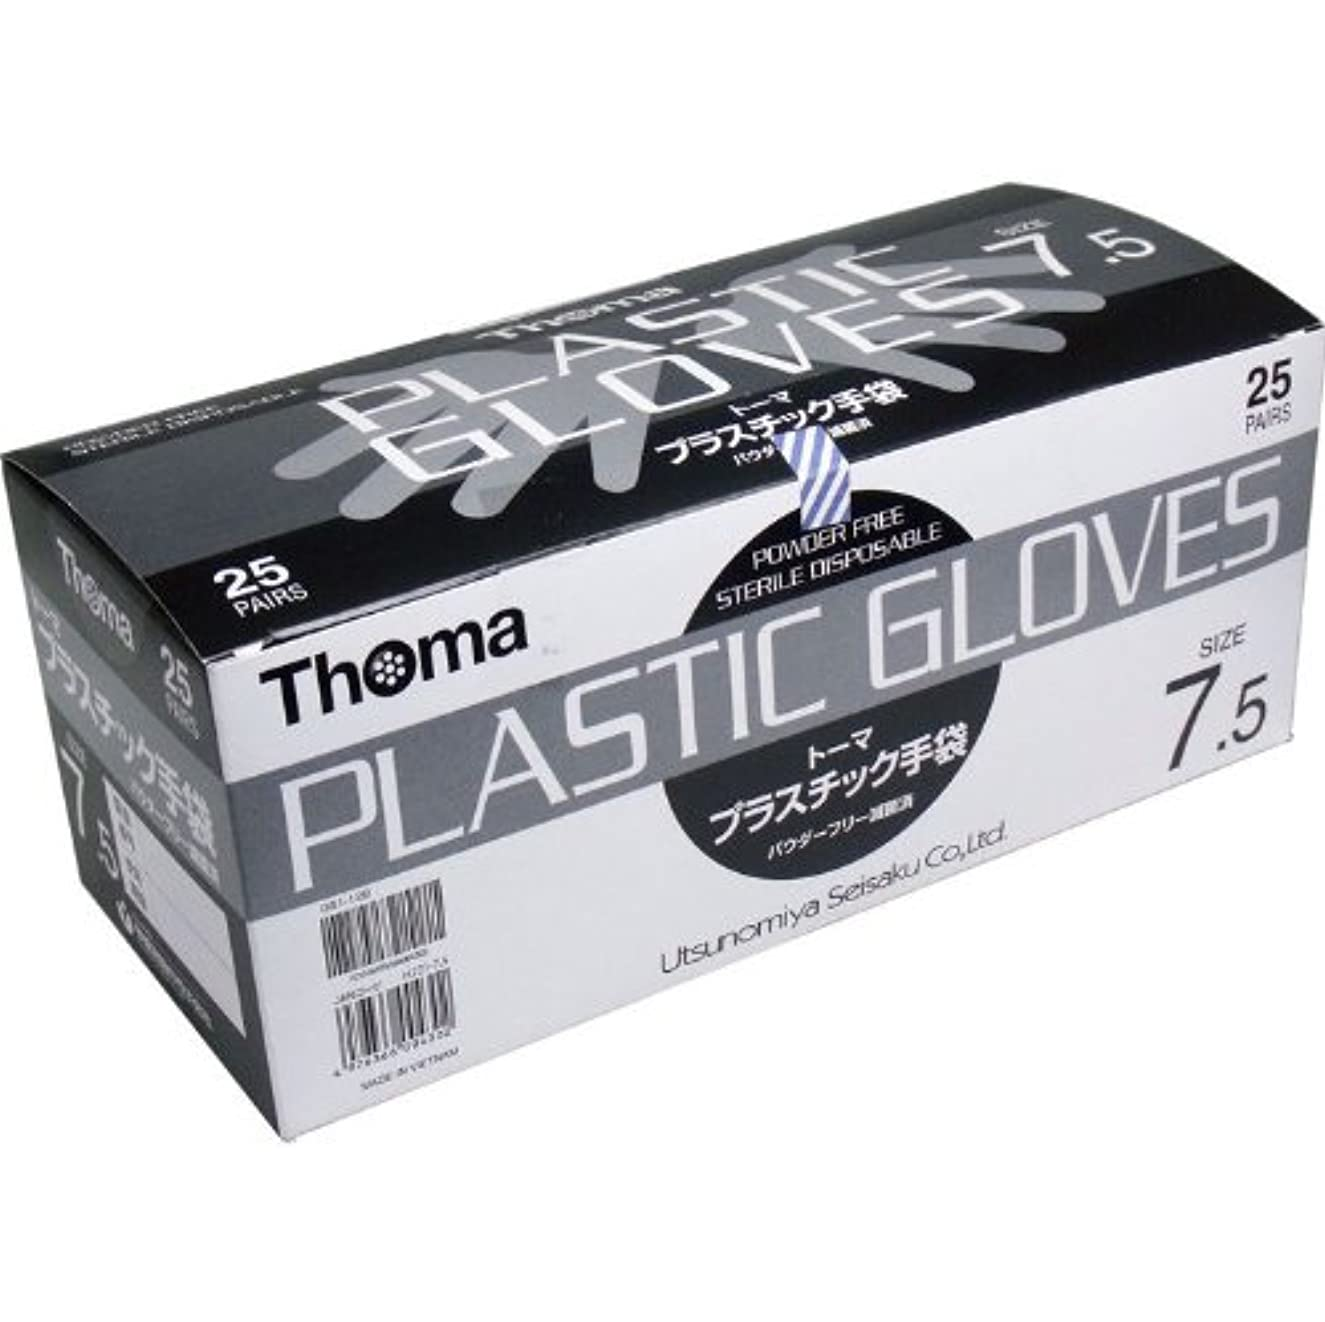 コマンド殺人コンテンツパウダーフリー手袋 1双毎に滅菌包装、衛生的 便利 トーマ プラスチック手袋 パウダーフリー滅菌済 25双入 サイズ7.5【4個セット】